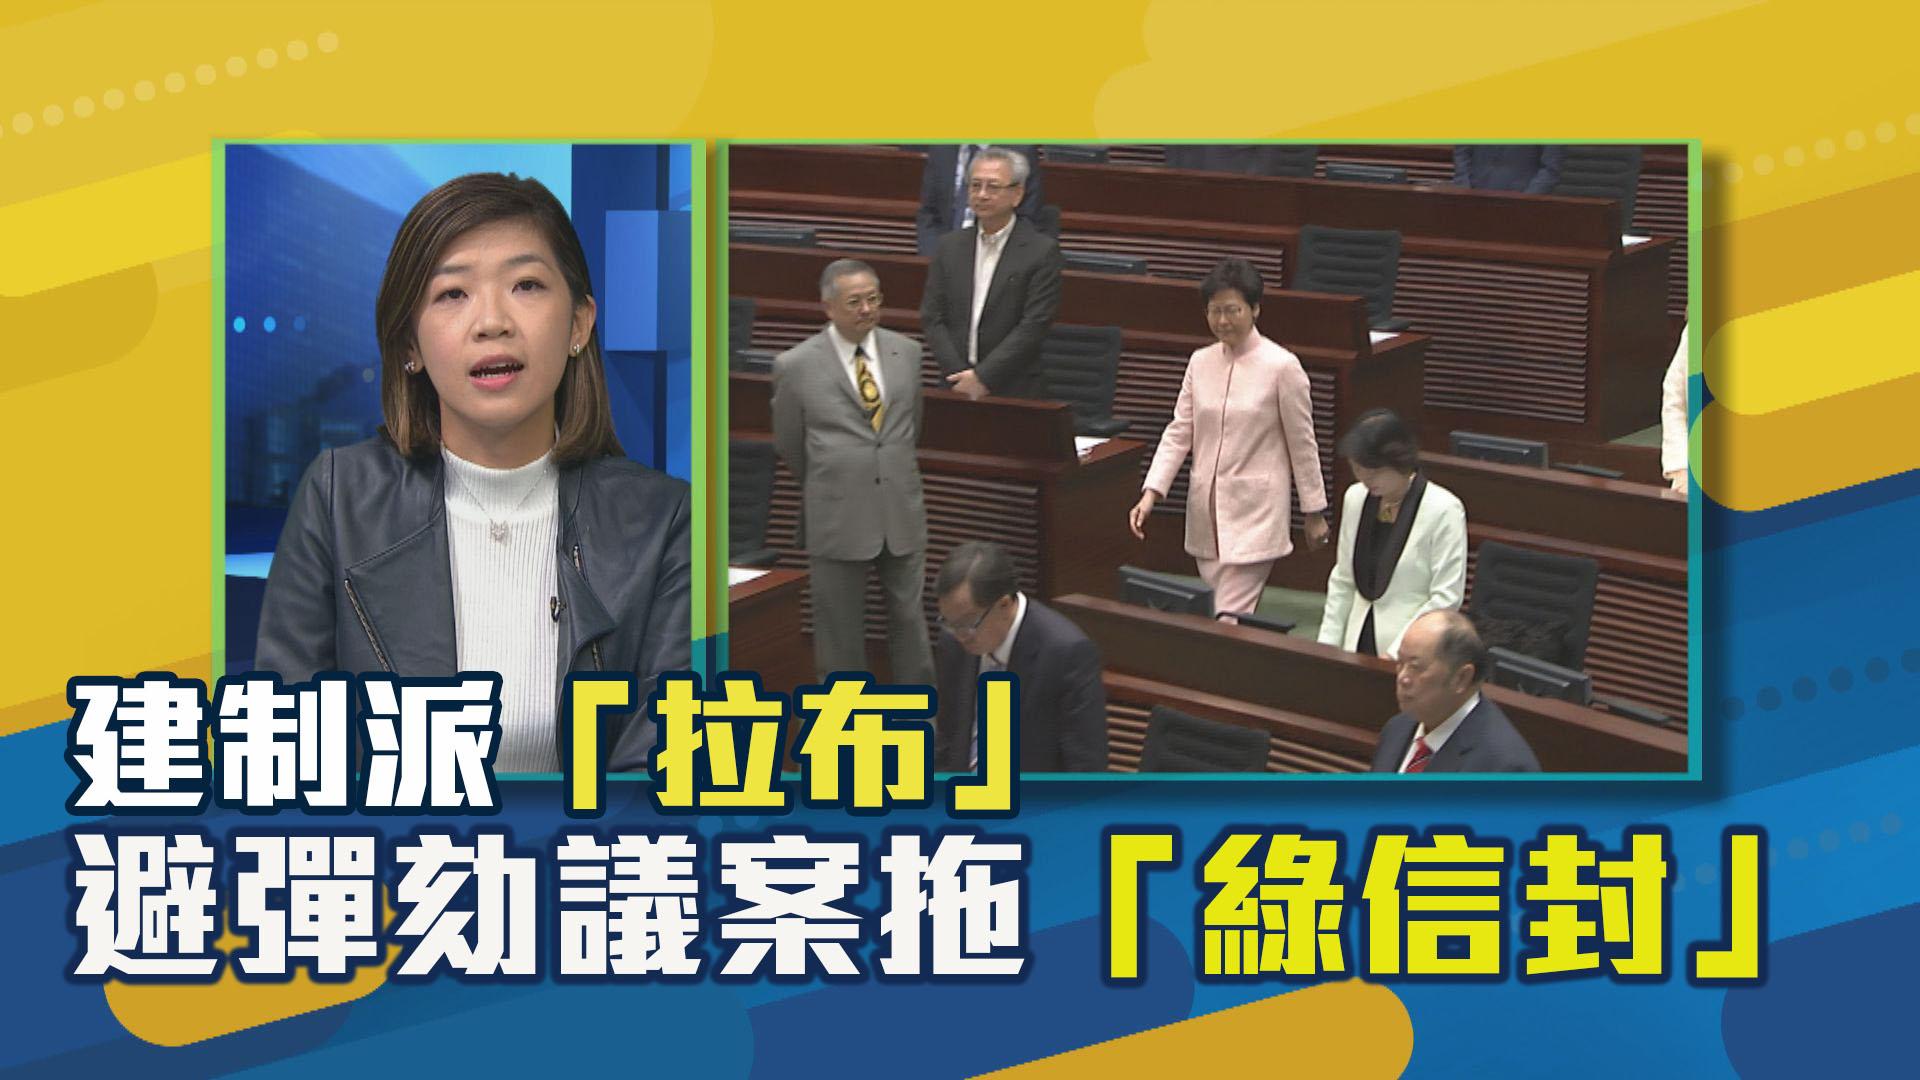 【政情】建制派「拉布」 避彈劾議案拖「綠信封」